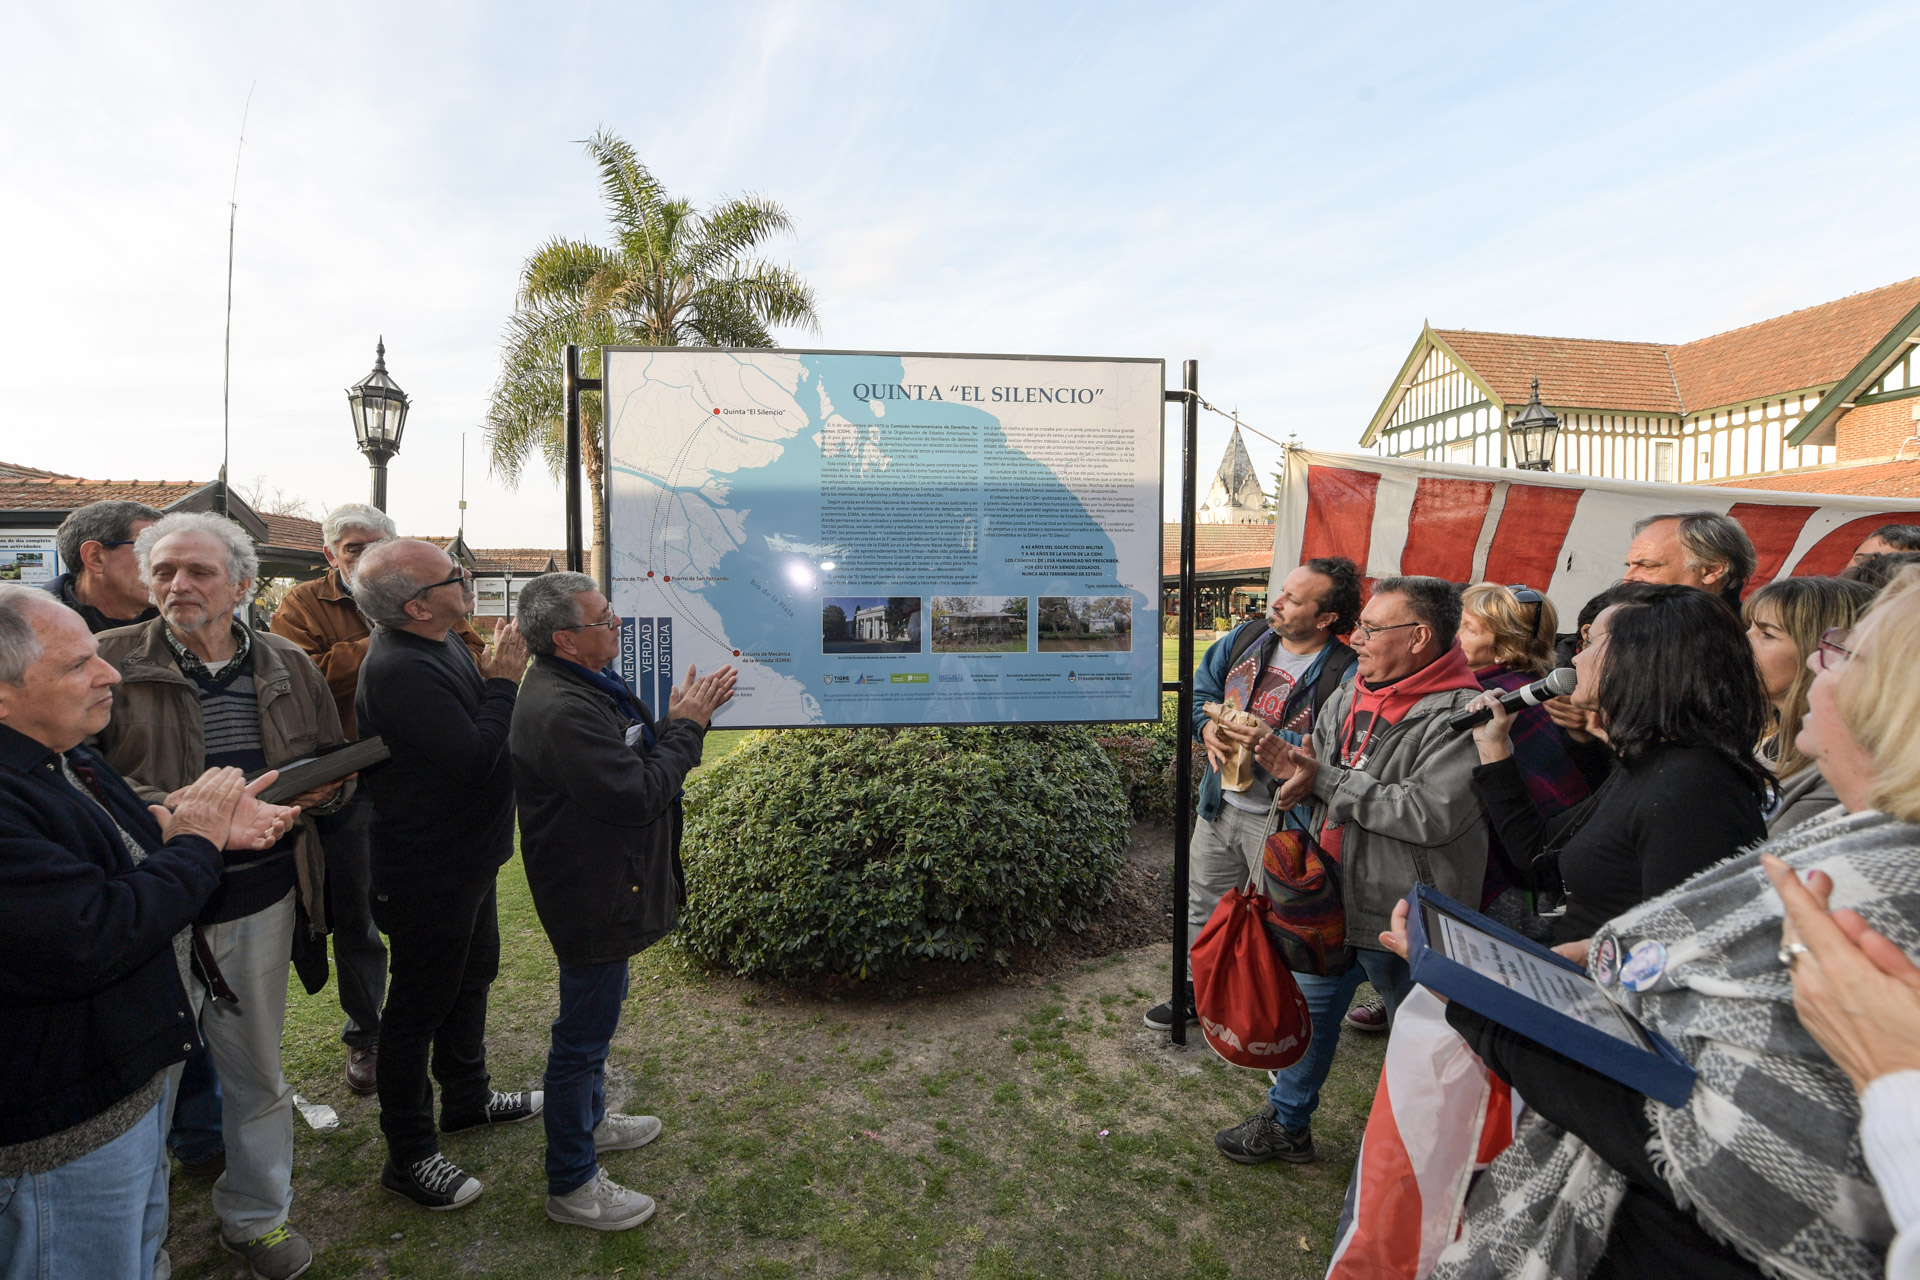 San Fernando acompañó el señalamiento de la quinta ´El Silencio´ como ex Centro Clandestino de Detención